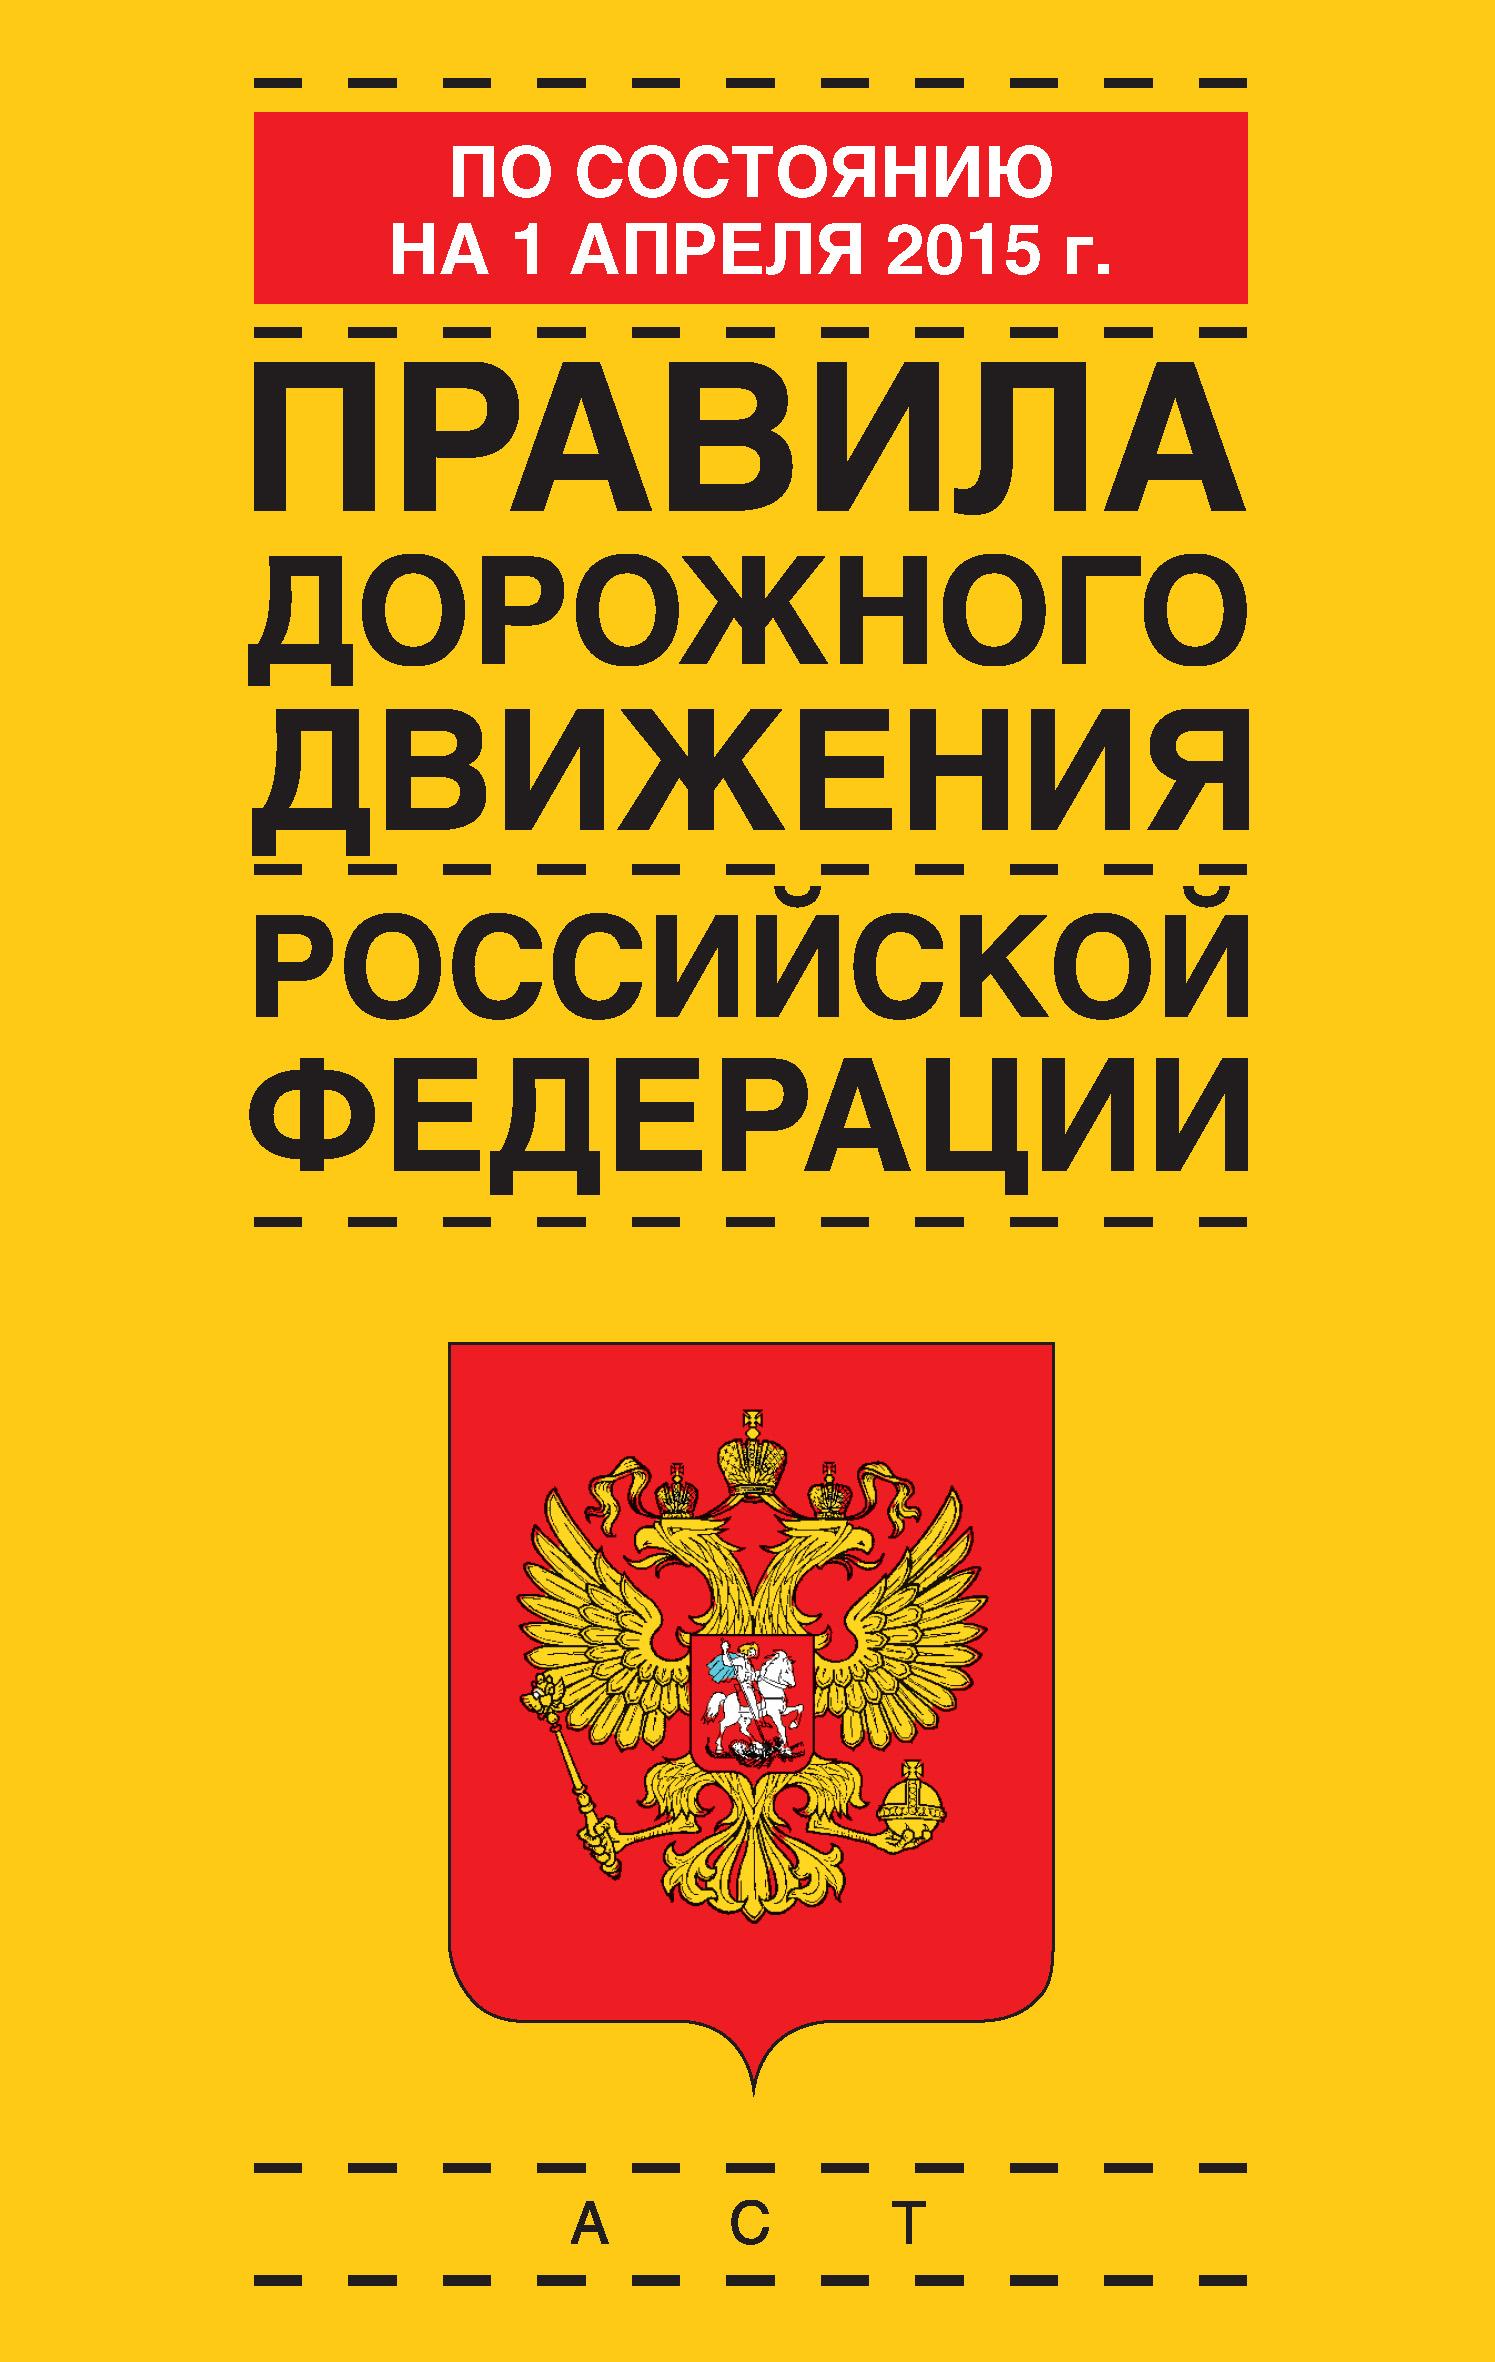 все цены на Отсутствует Правила дорожного движения Российской Федерации по состоянию 1 апреля 2015 г. онлайн